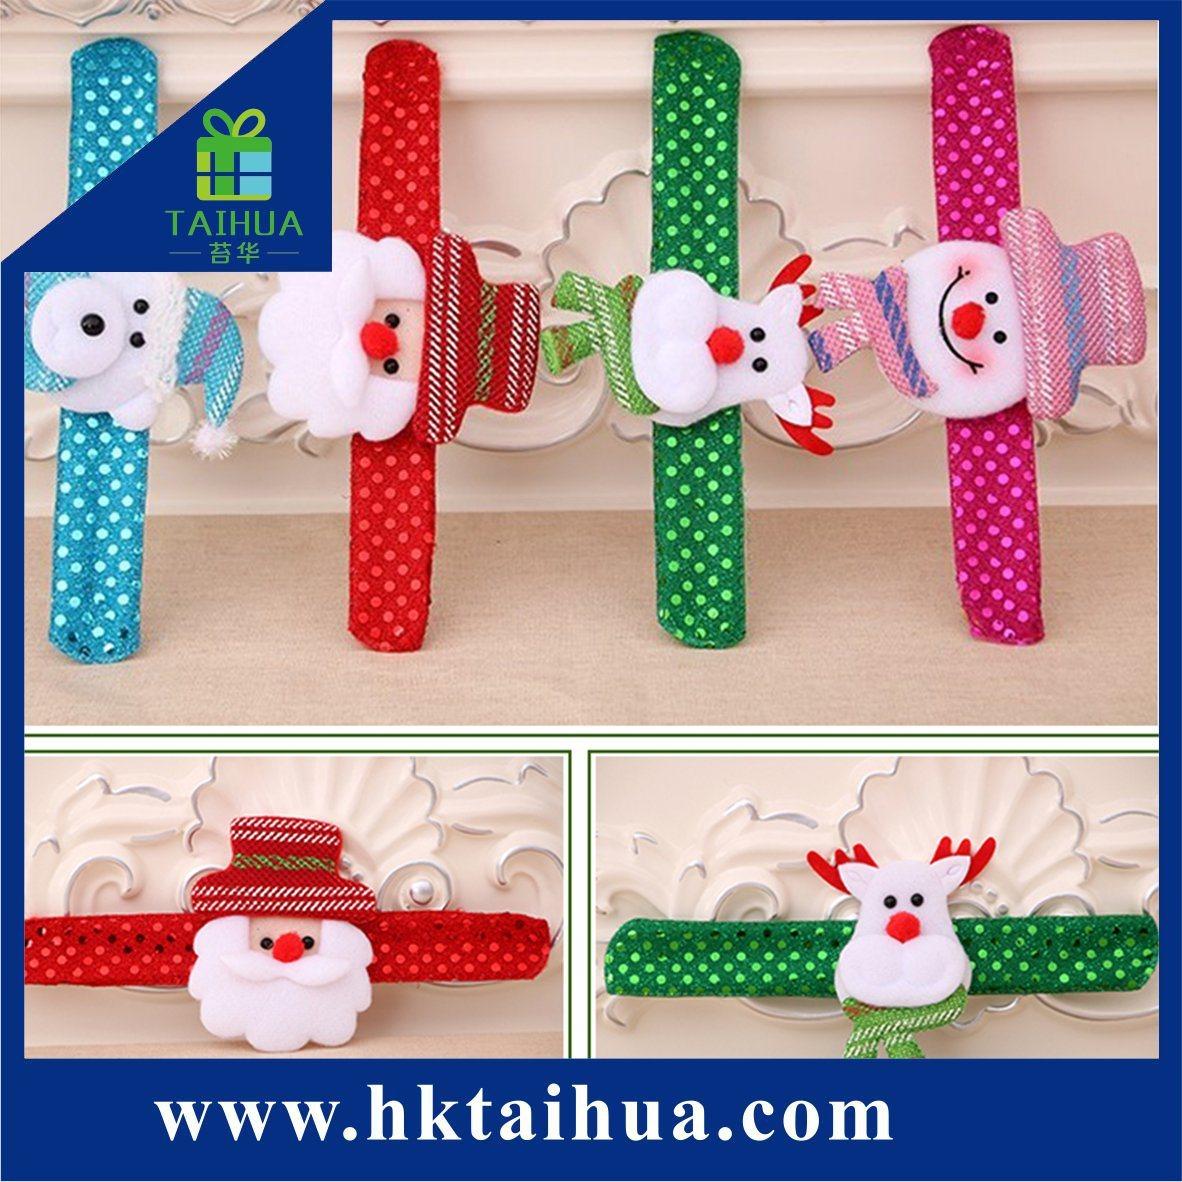 Wholesale Christmas Santa Gift - Buy Reliable Christmas